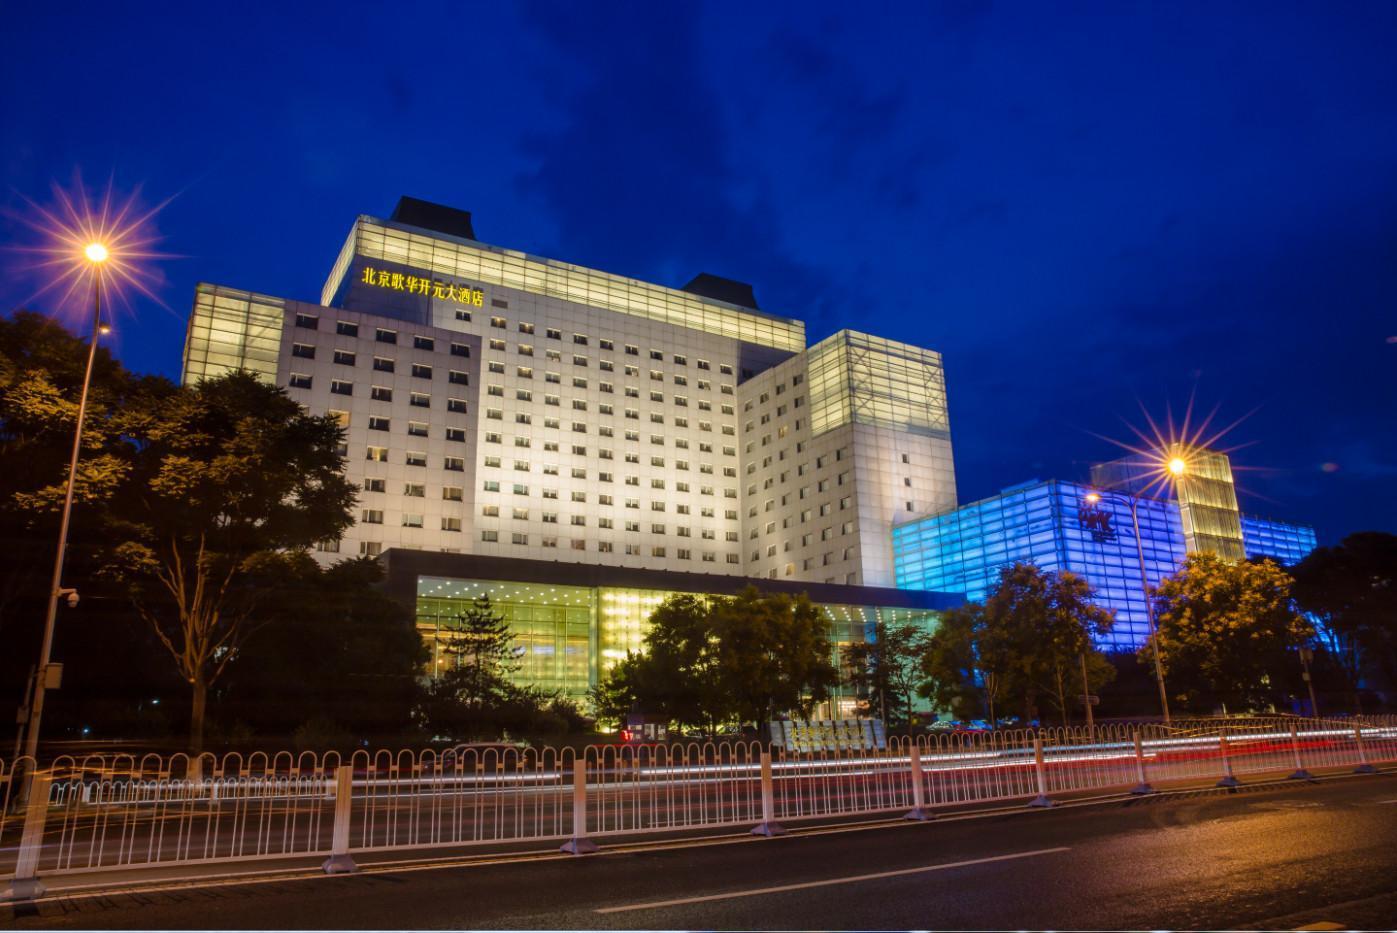 Gehua New Century Hotel